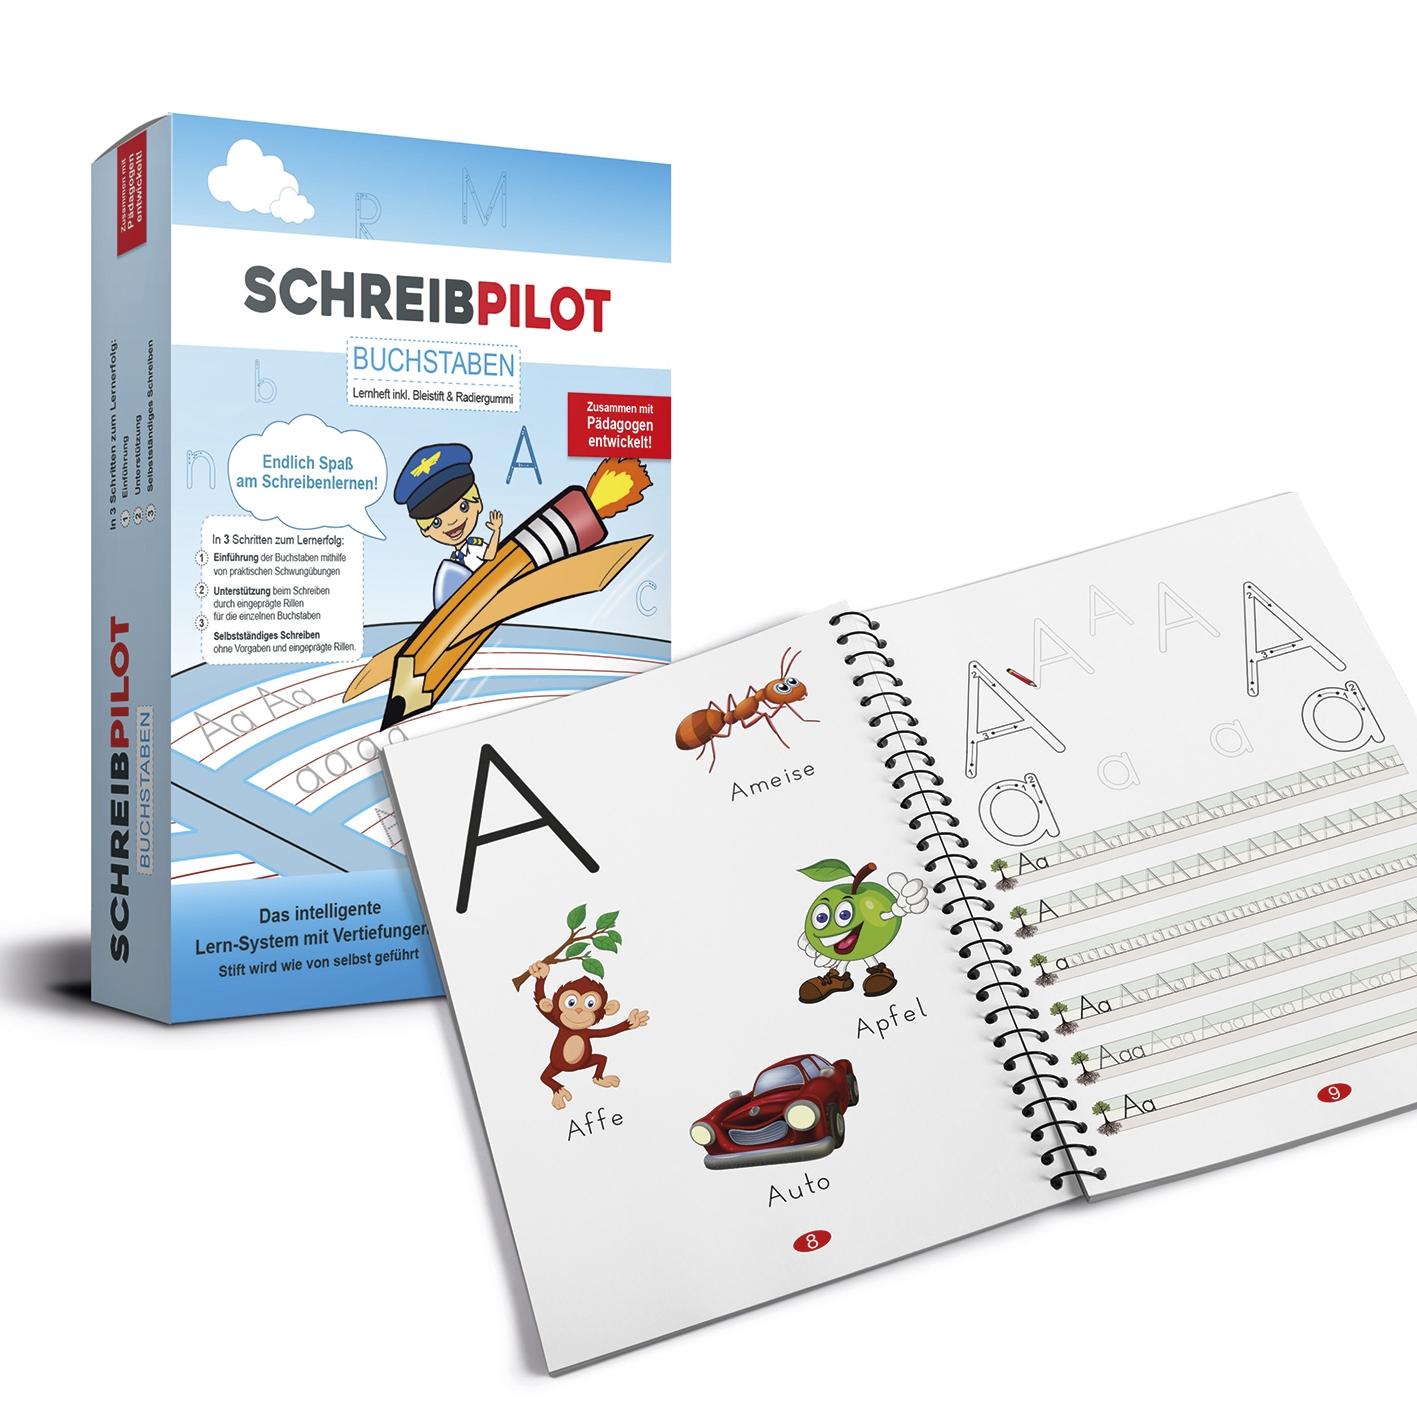 Schreibathlet Schreibpilot Schreib Athlet Pilot Buchstaben Bleistift//Radiergummi